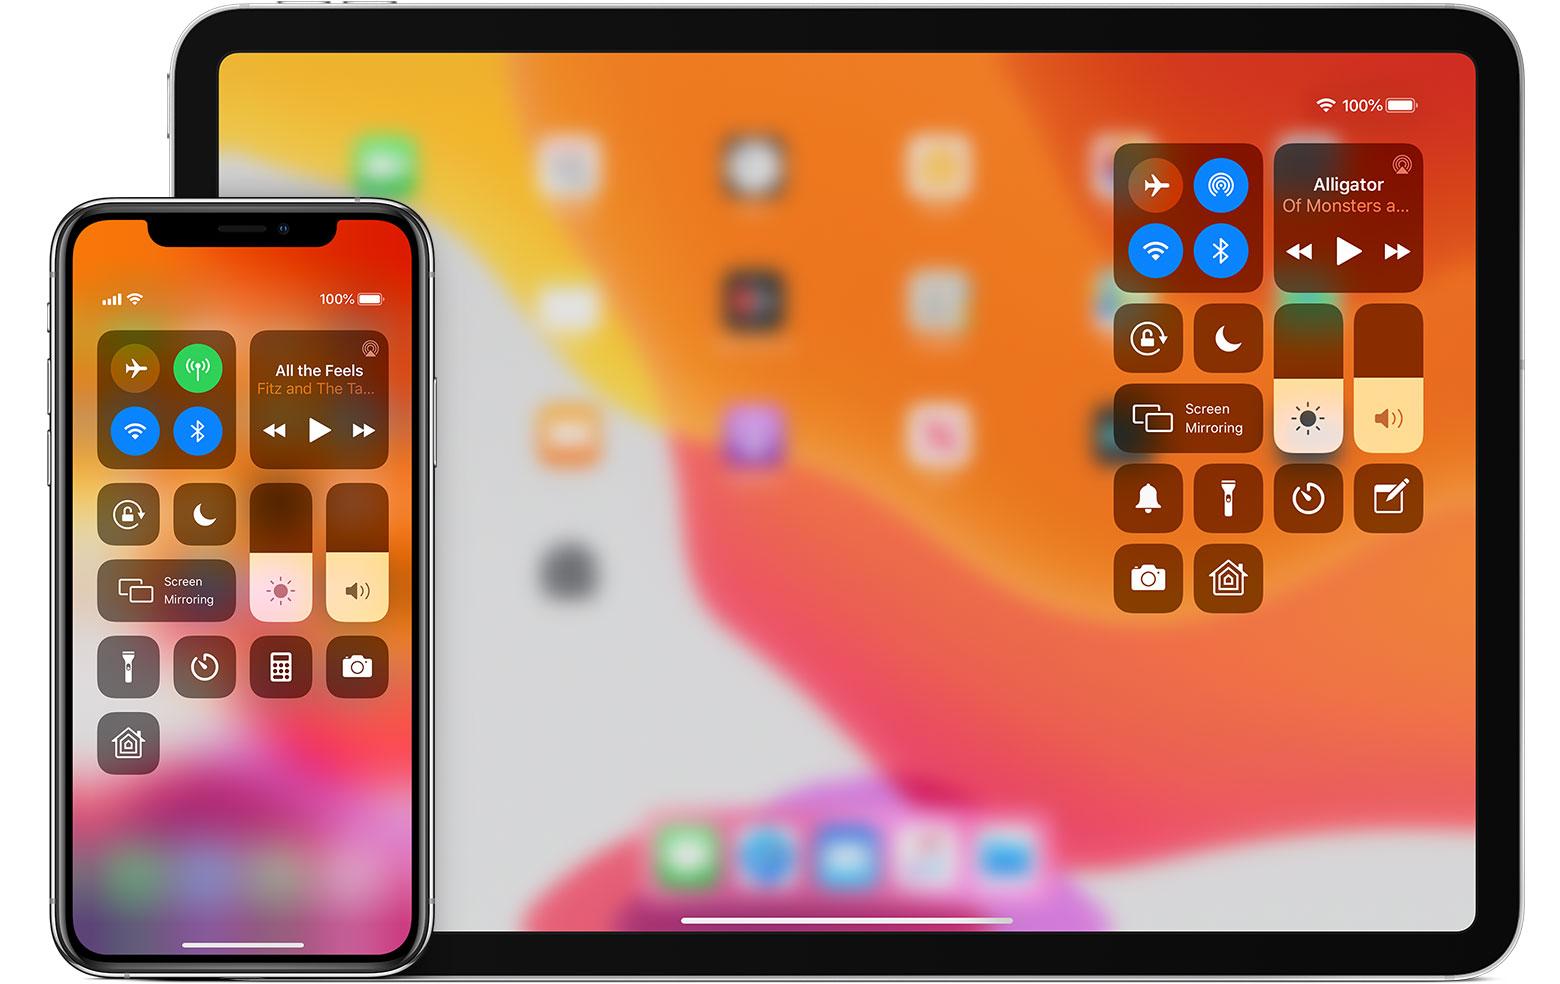 Aggiornamento iOS: in futuro si potranno modificare le app predefinite thumbnail